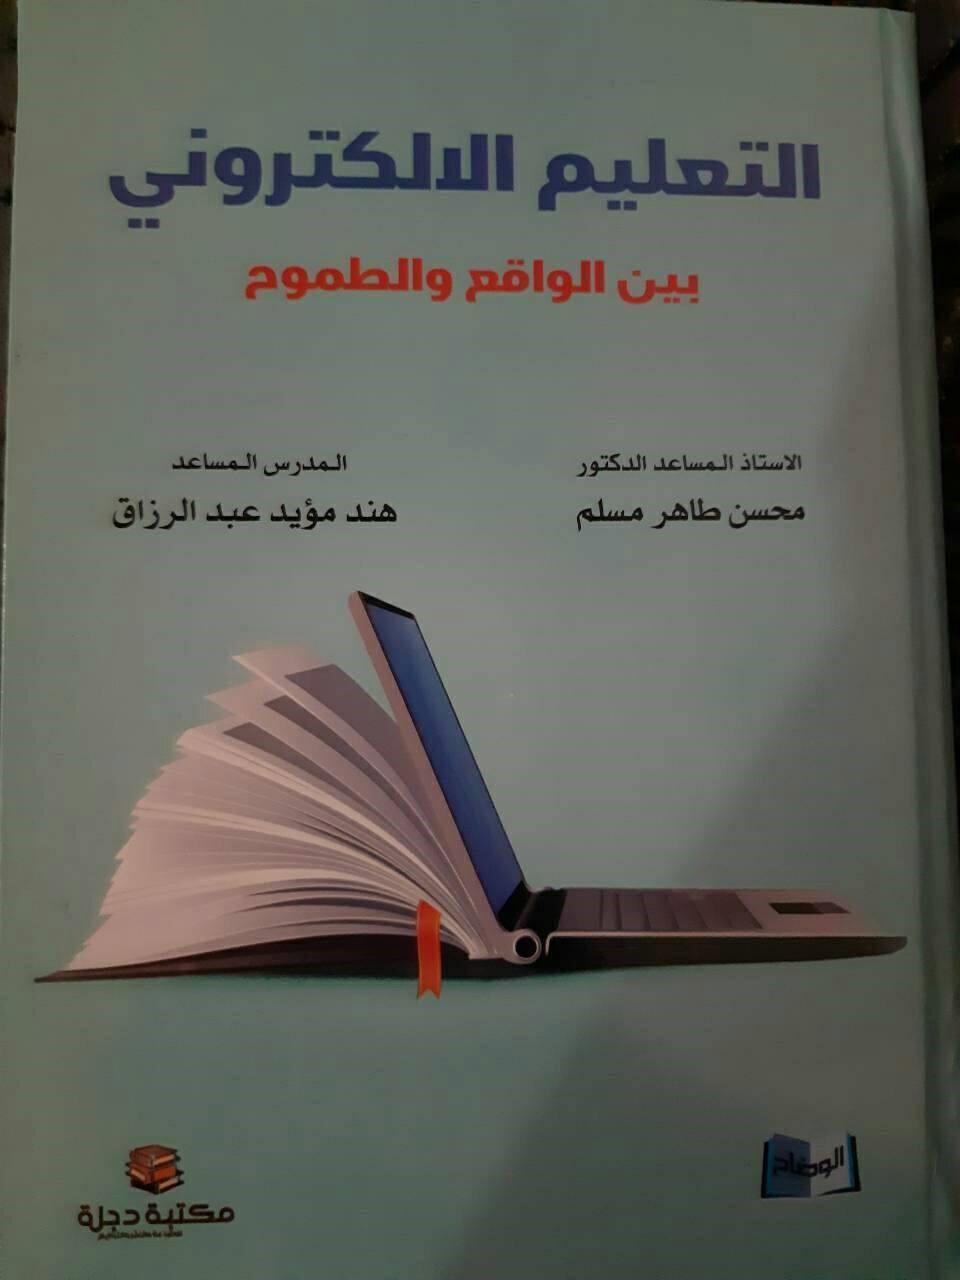 تدريسيان في كلية التربية بجامعة القادسية يؤلفان كتابا علميا بعنوان التعليم الالكتروني بين الواقع والطموح